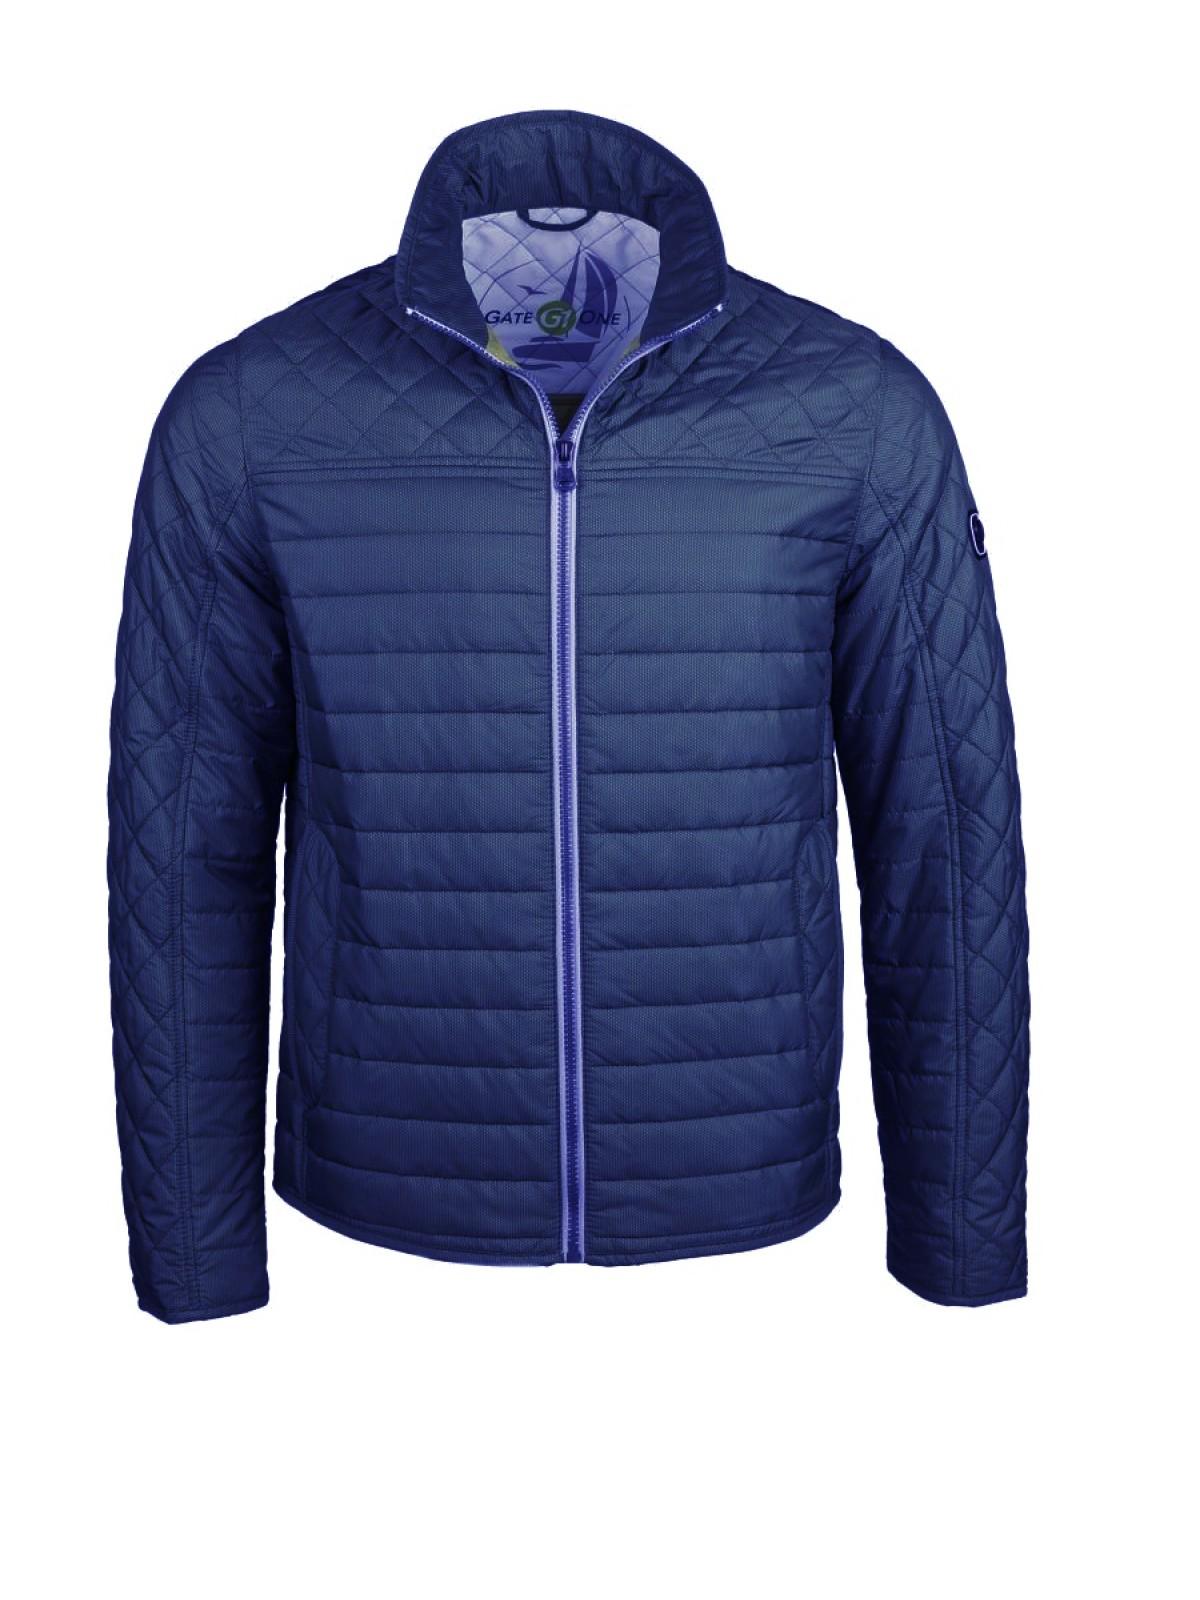 Куртка мужская Gate One 6130 3375 4540